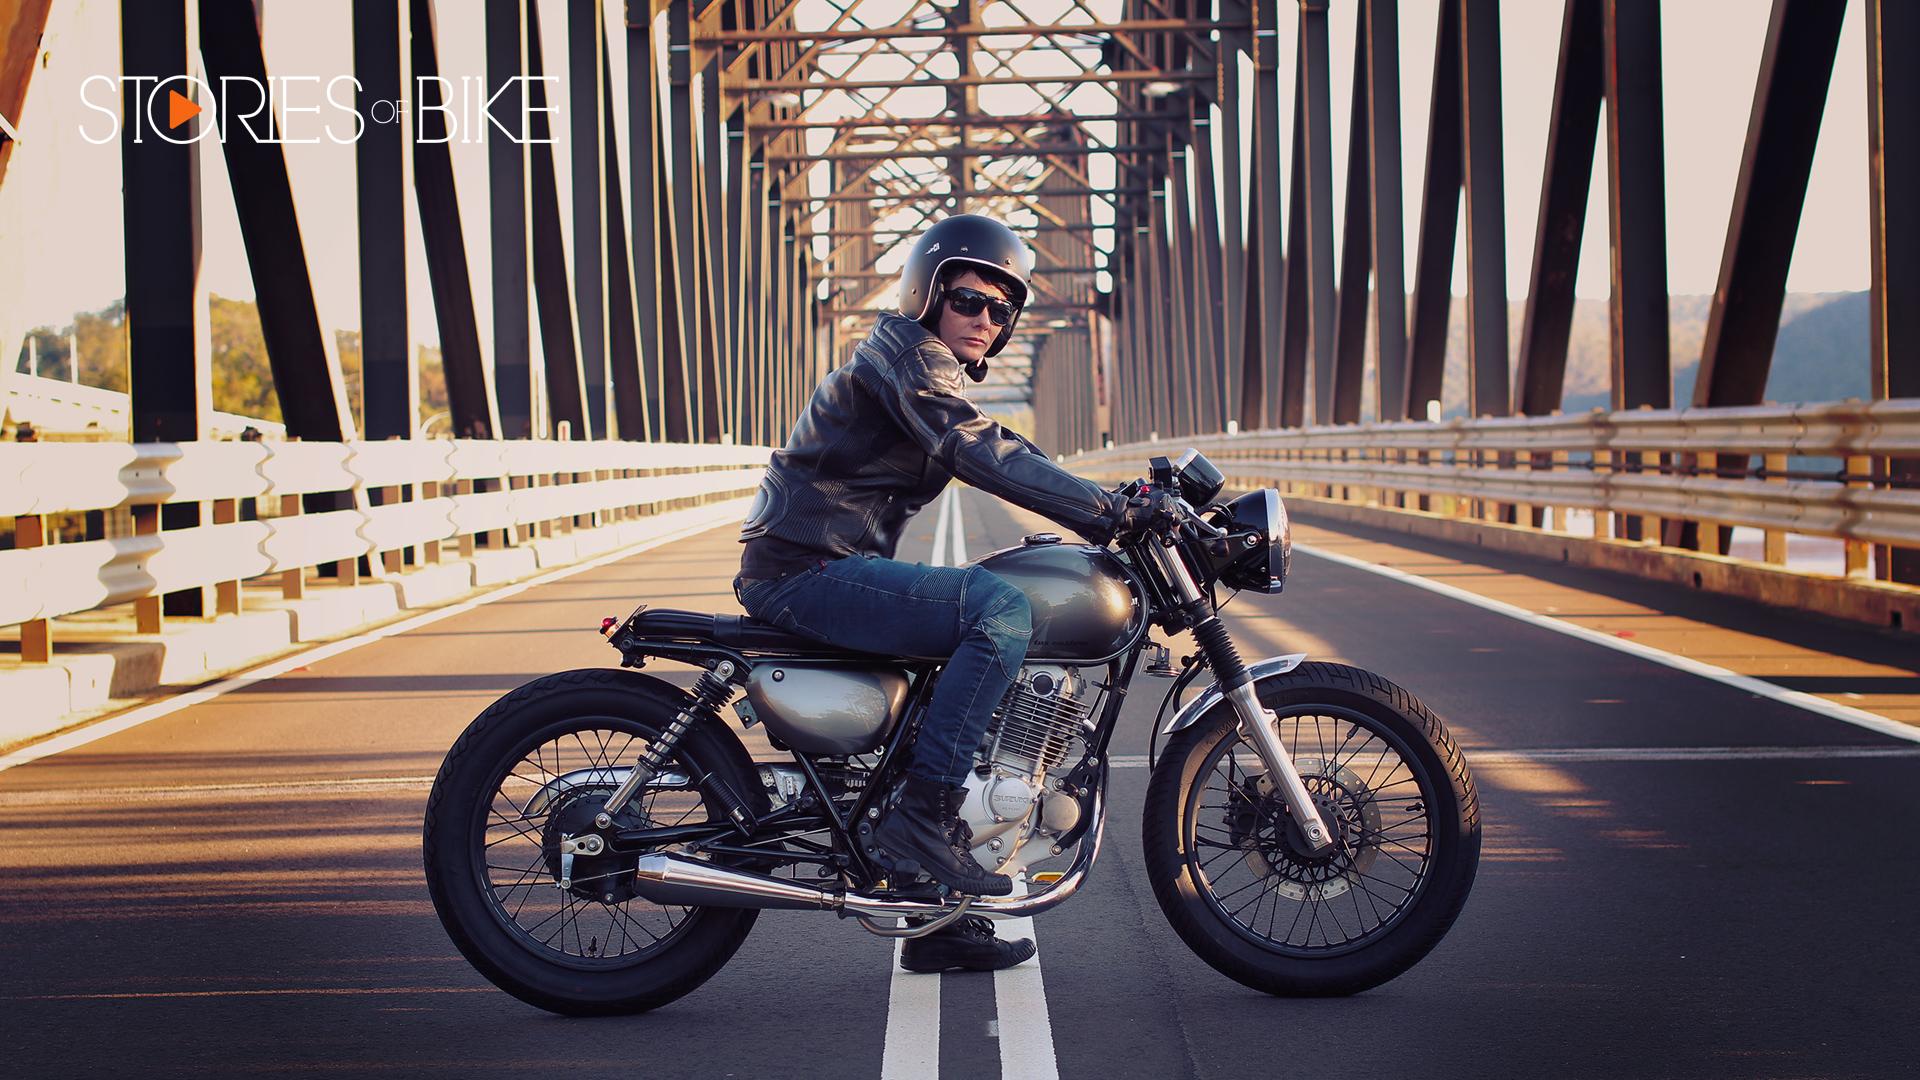 Stories_of_Bike_Ep10_3a.jpg